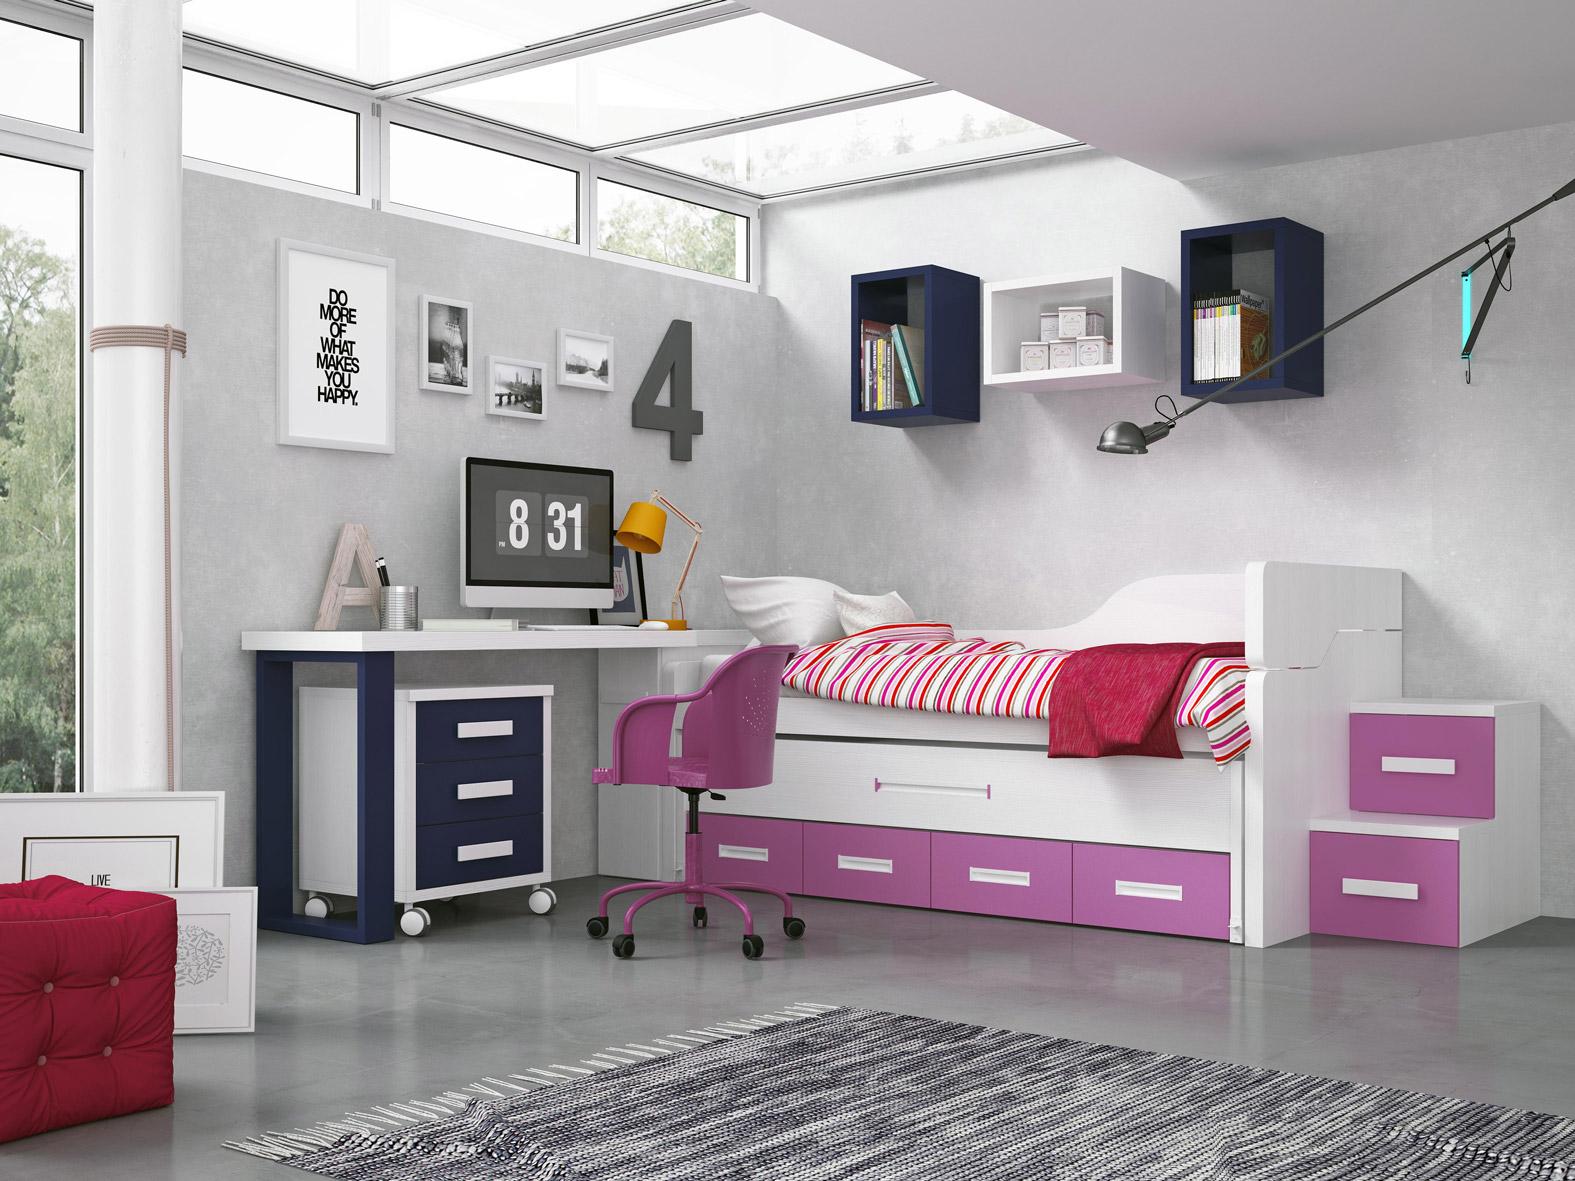 Dormitorio Juvenil Sicilia. Dormitorio Juvenil en Blanco Coordinado Rosa y Marino. Muebles Díaz